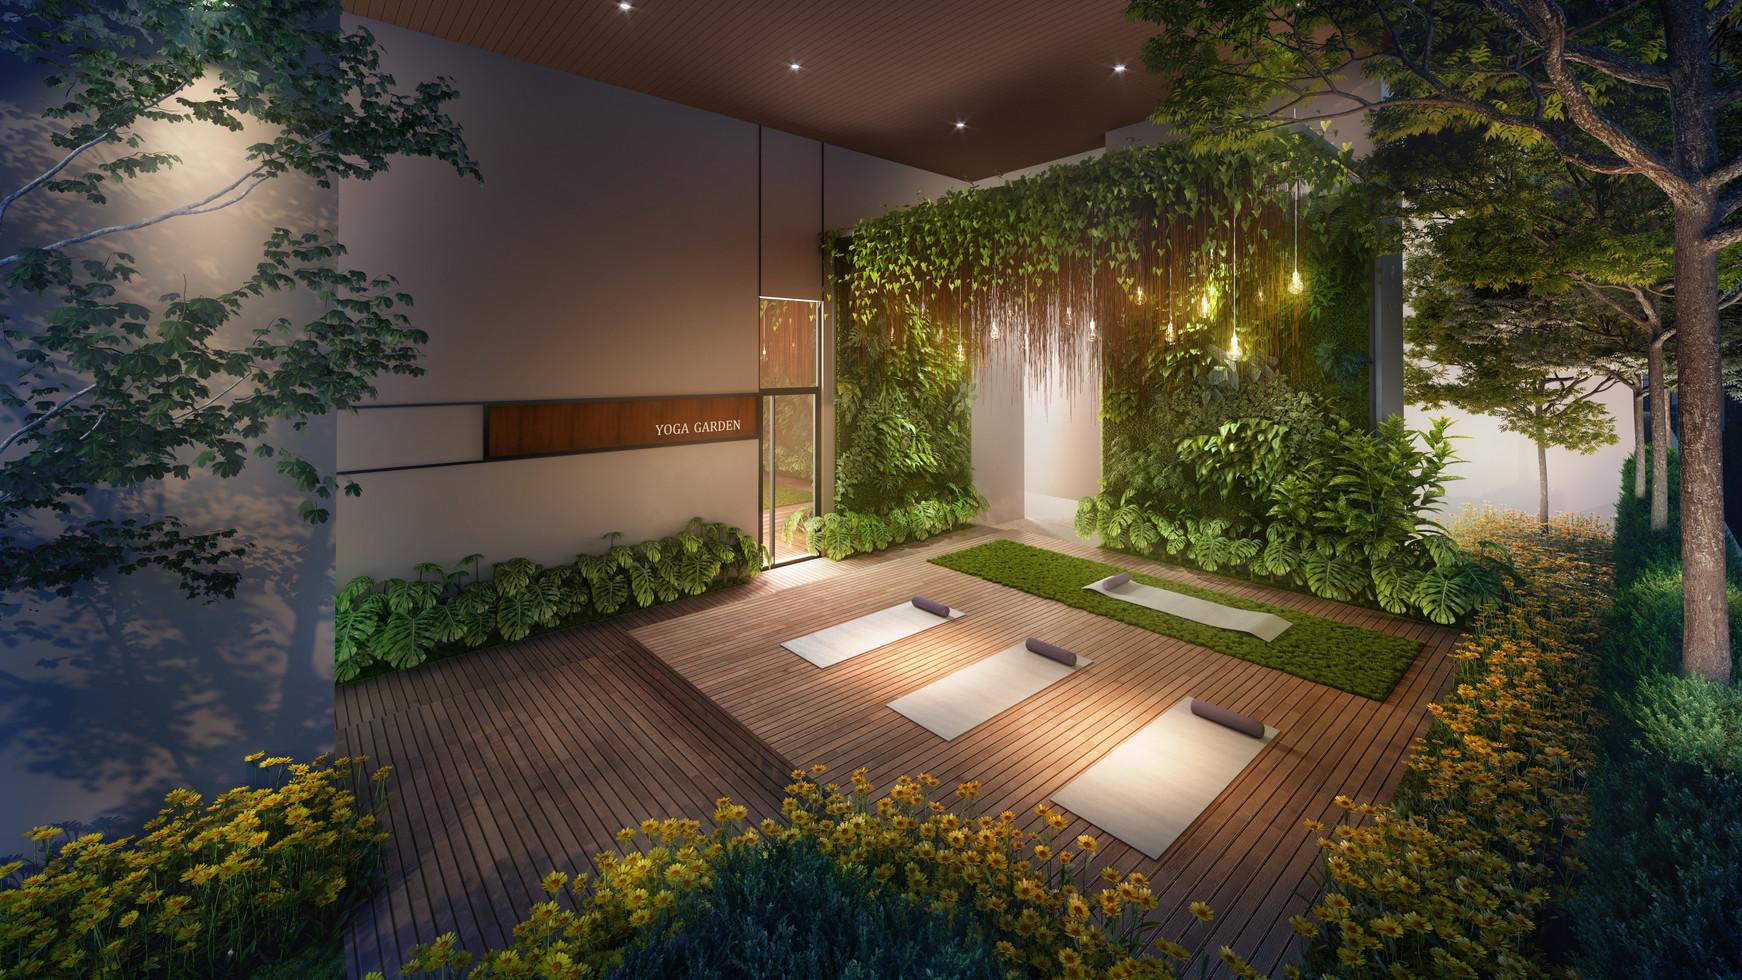 Yoga Garden.jpg